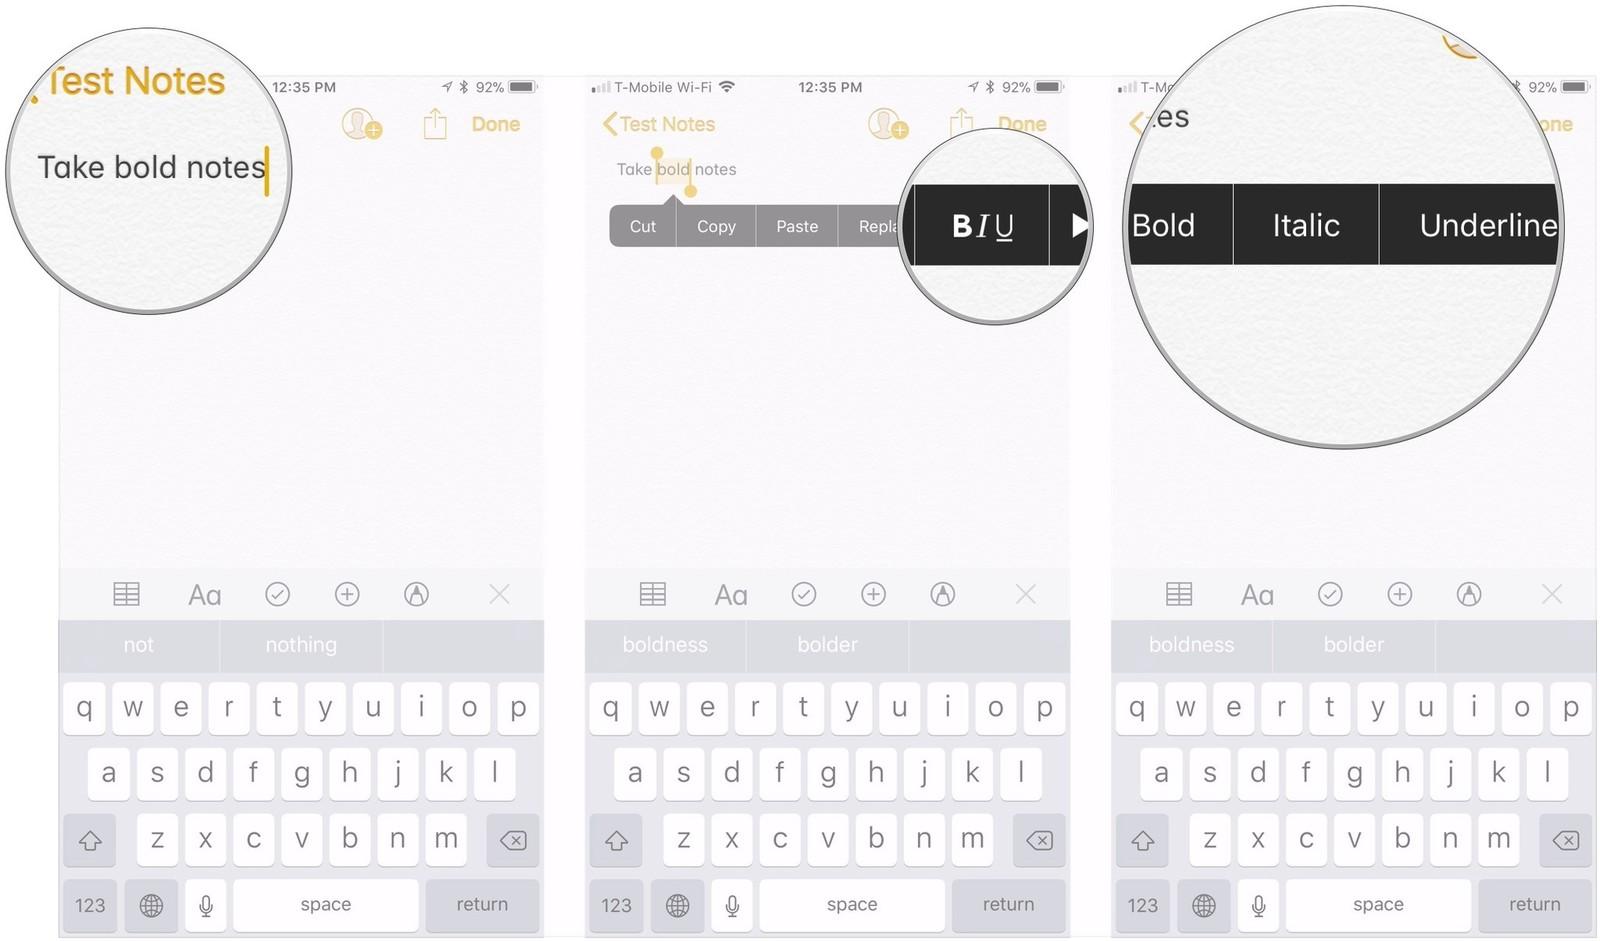 Как форматировать заметки на iPhone и iPad - шрифты